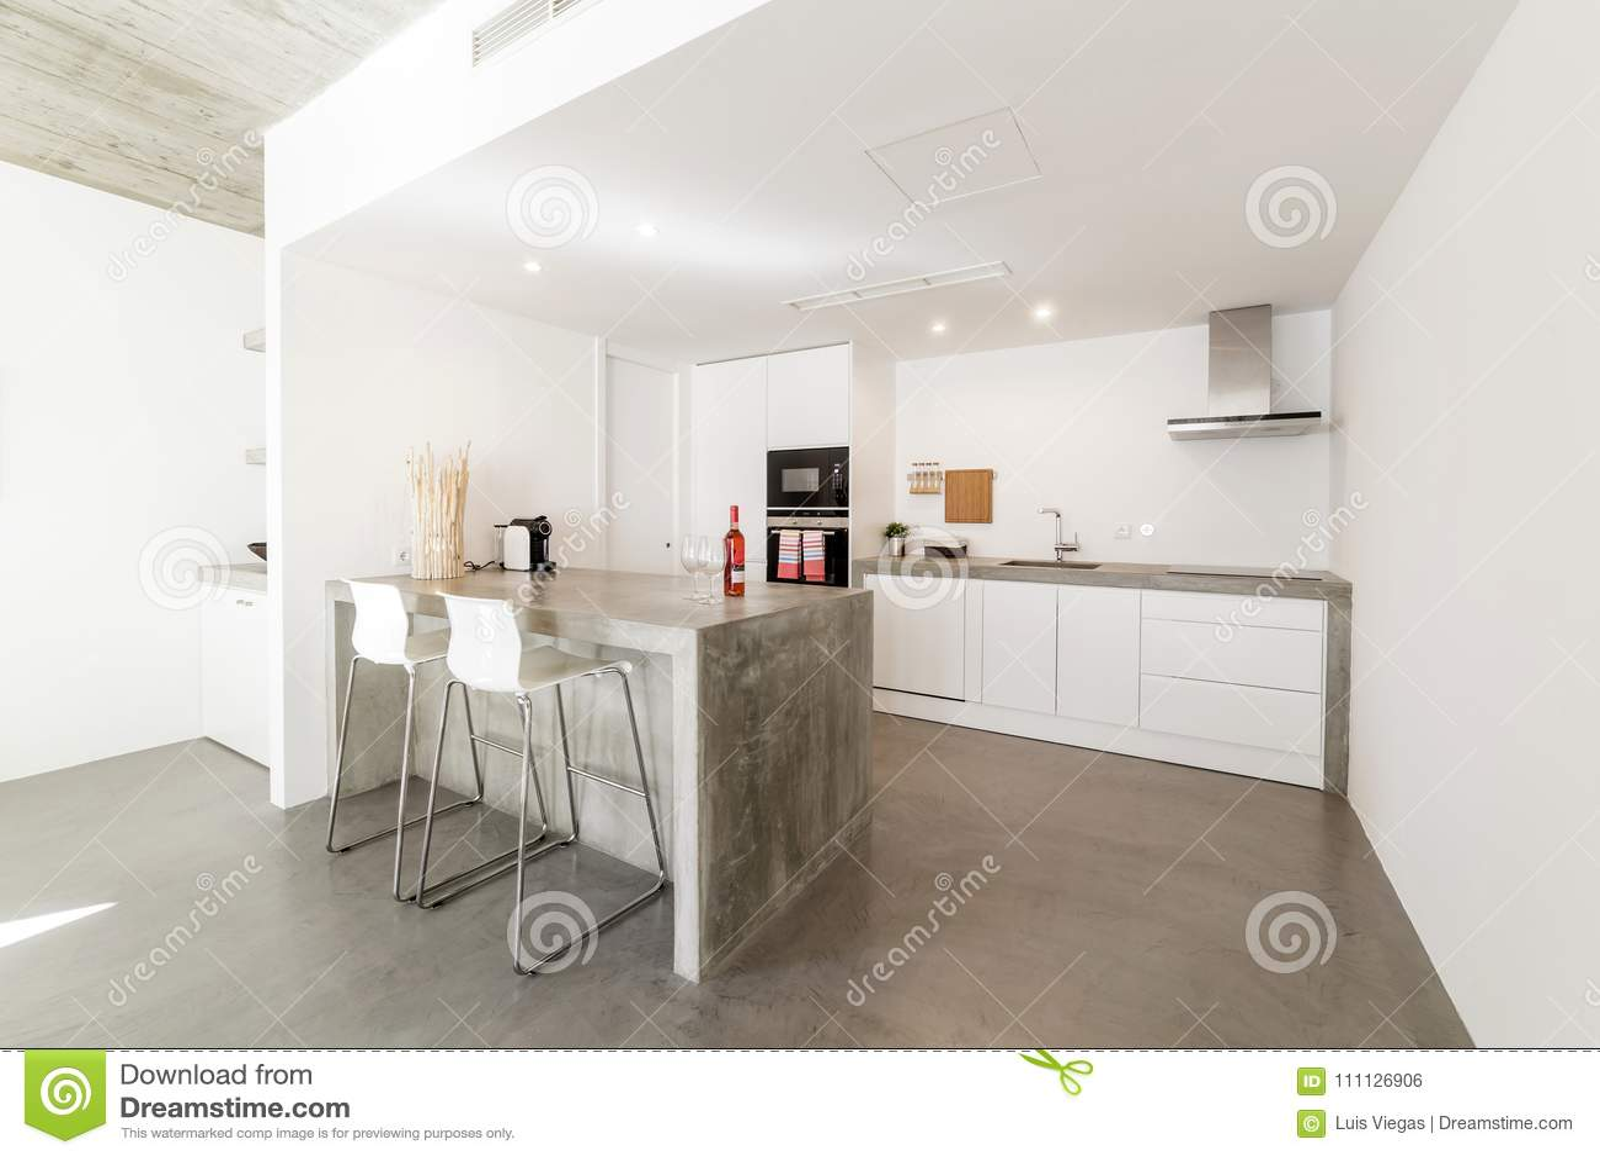 Moderne Keuken Grijs : De moderne vloer van de keuken grijze tegel en witte muur stock